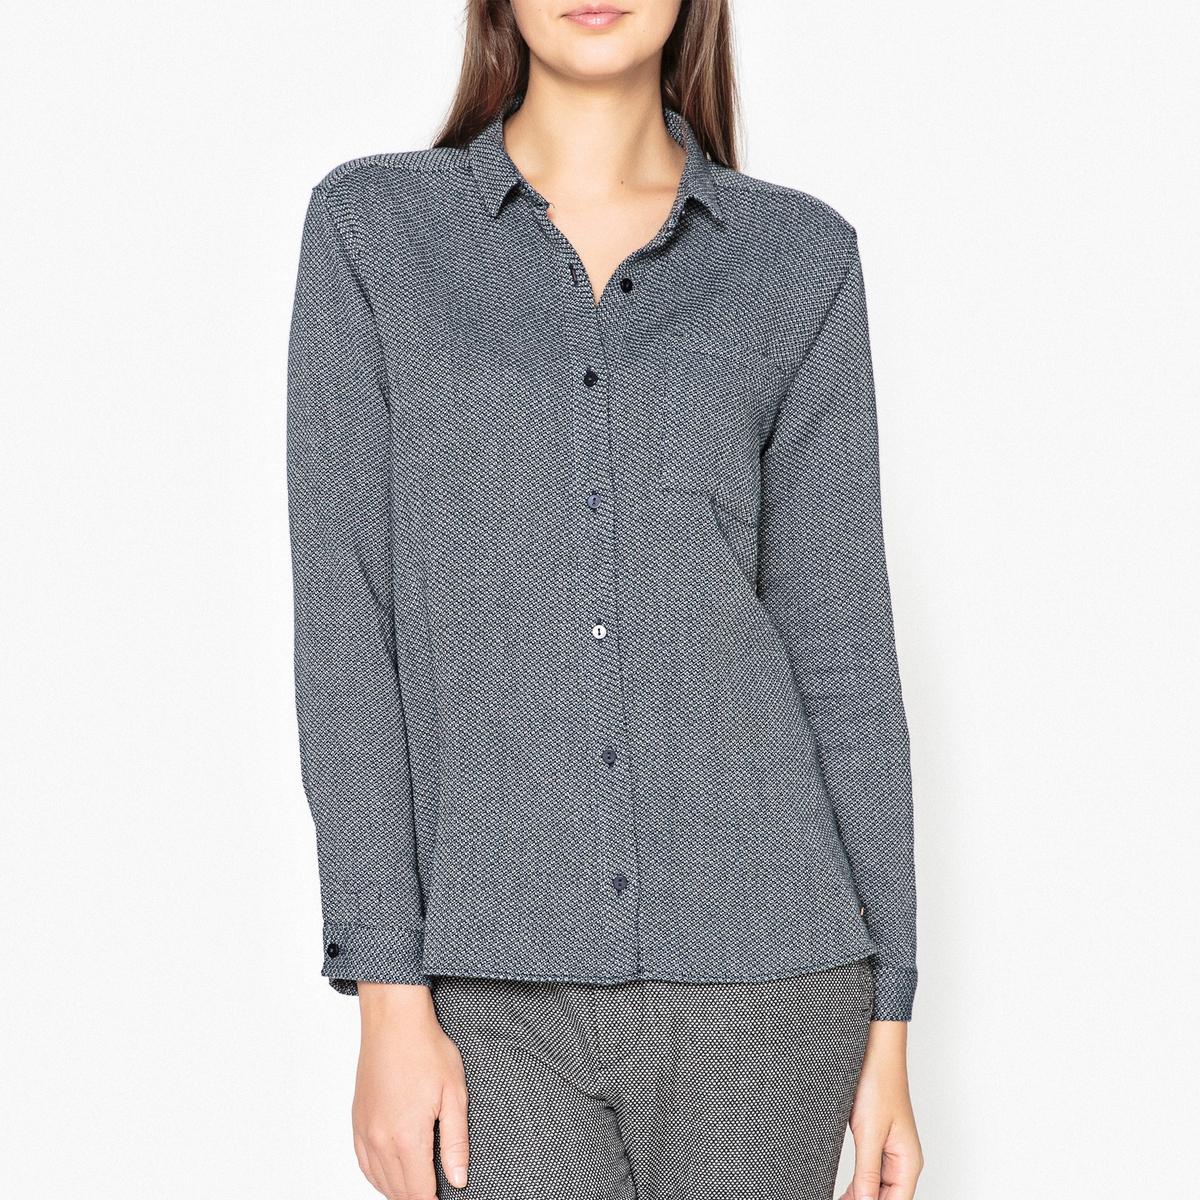 Рубашка из 100% хлопка CASILEРубашка с длинными рукавами HARRIS WILSON - модель CASILDE из жаккардовой двухцветной ткани из 100% хлопка.Описание •  Длинные рукава  •  Прямой покрой  •  Воротник-поло, рубашечный Состав и уход •  100% хлопок  •  Следуйте рекомендациям по уходу, указанным на этикетке изделия   •  Карман на груди •  Манжеты на пуговицах •  Низ слегка закругленный •  Складки сзади.Характеристики<br><br>Цвет: синий/ белый<br>Размер: размерXL.M